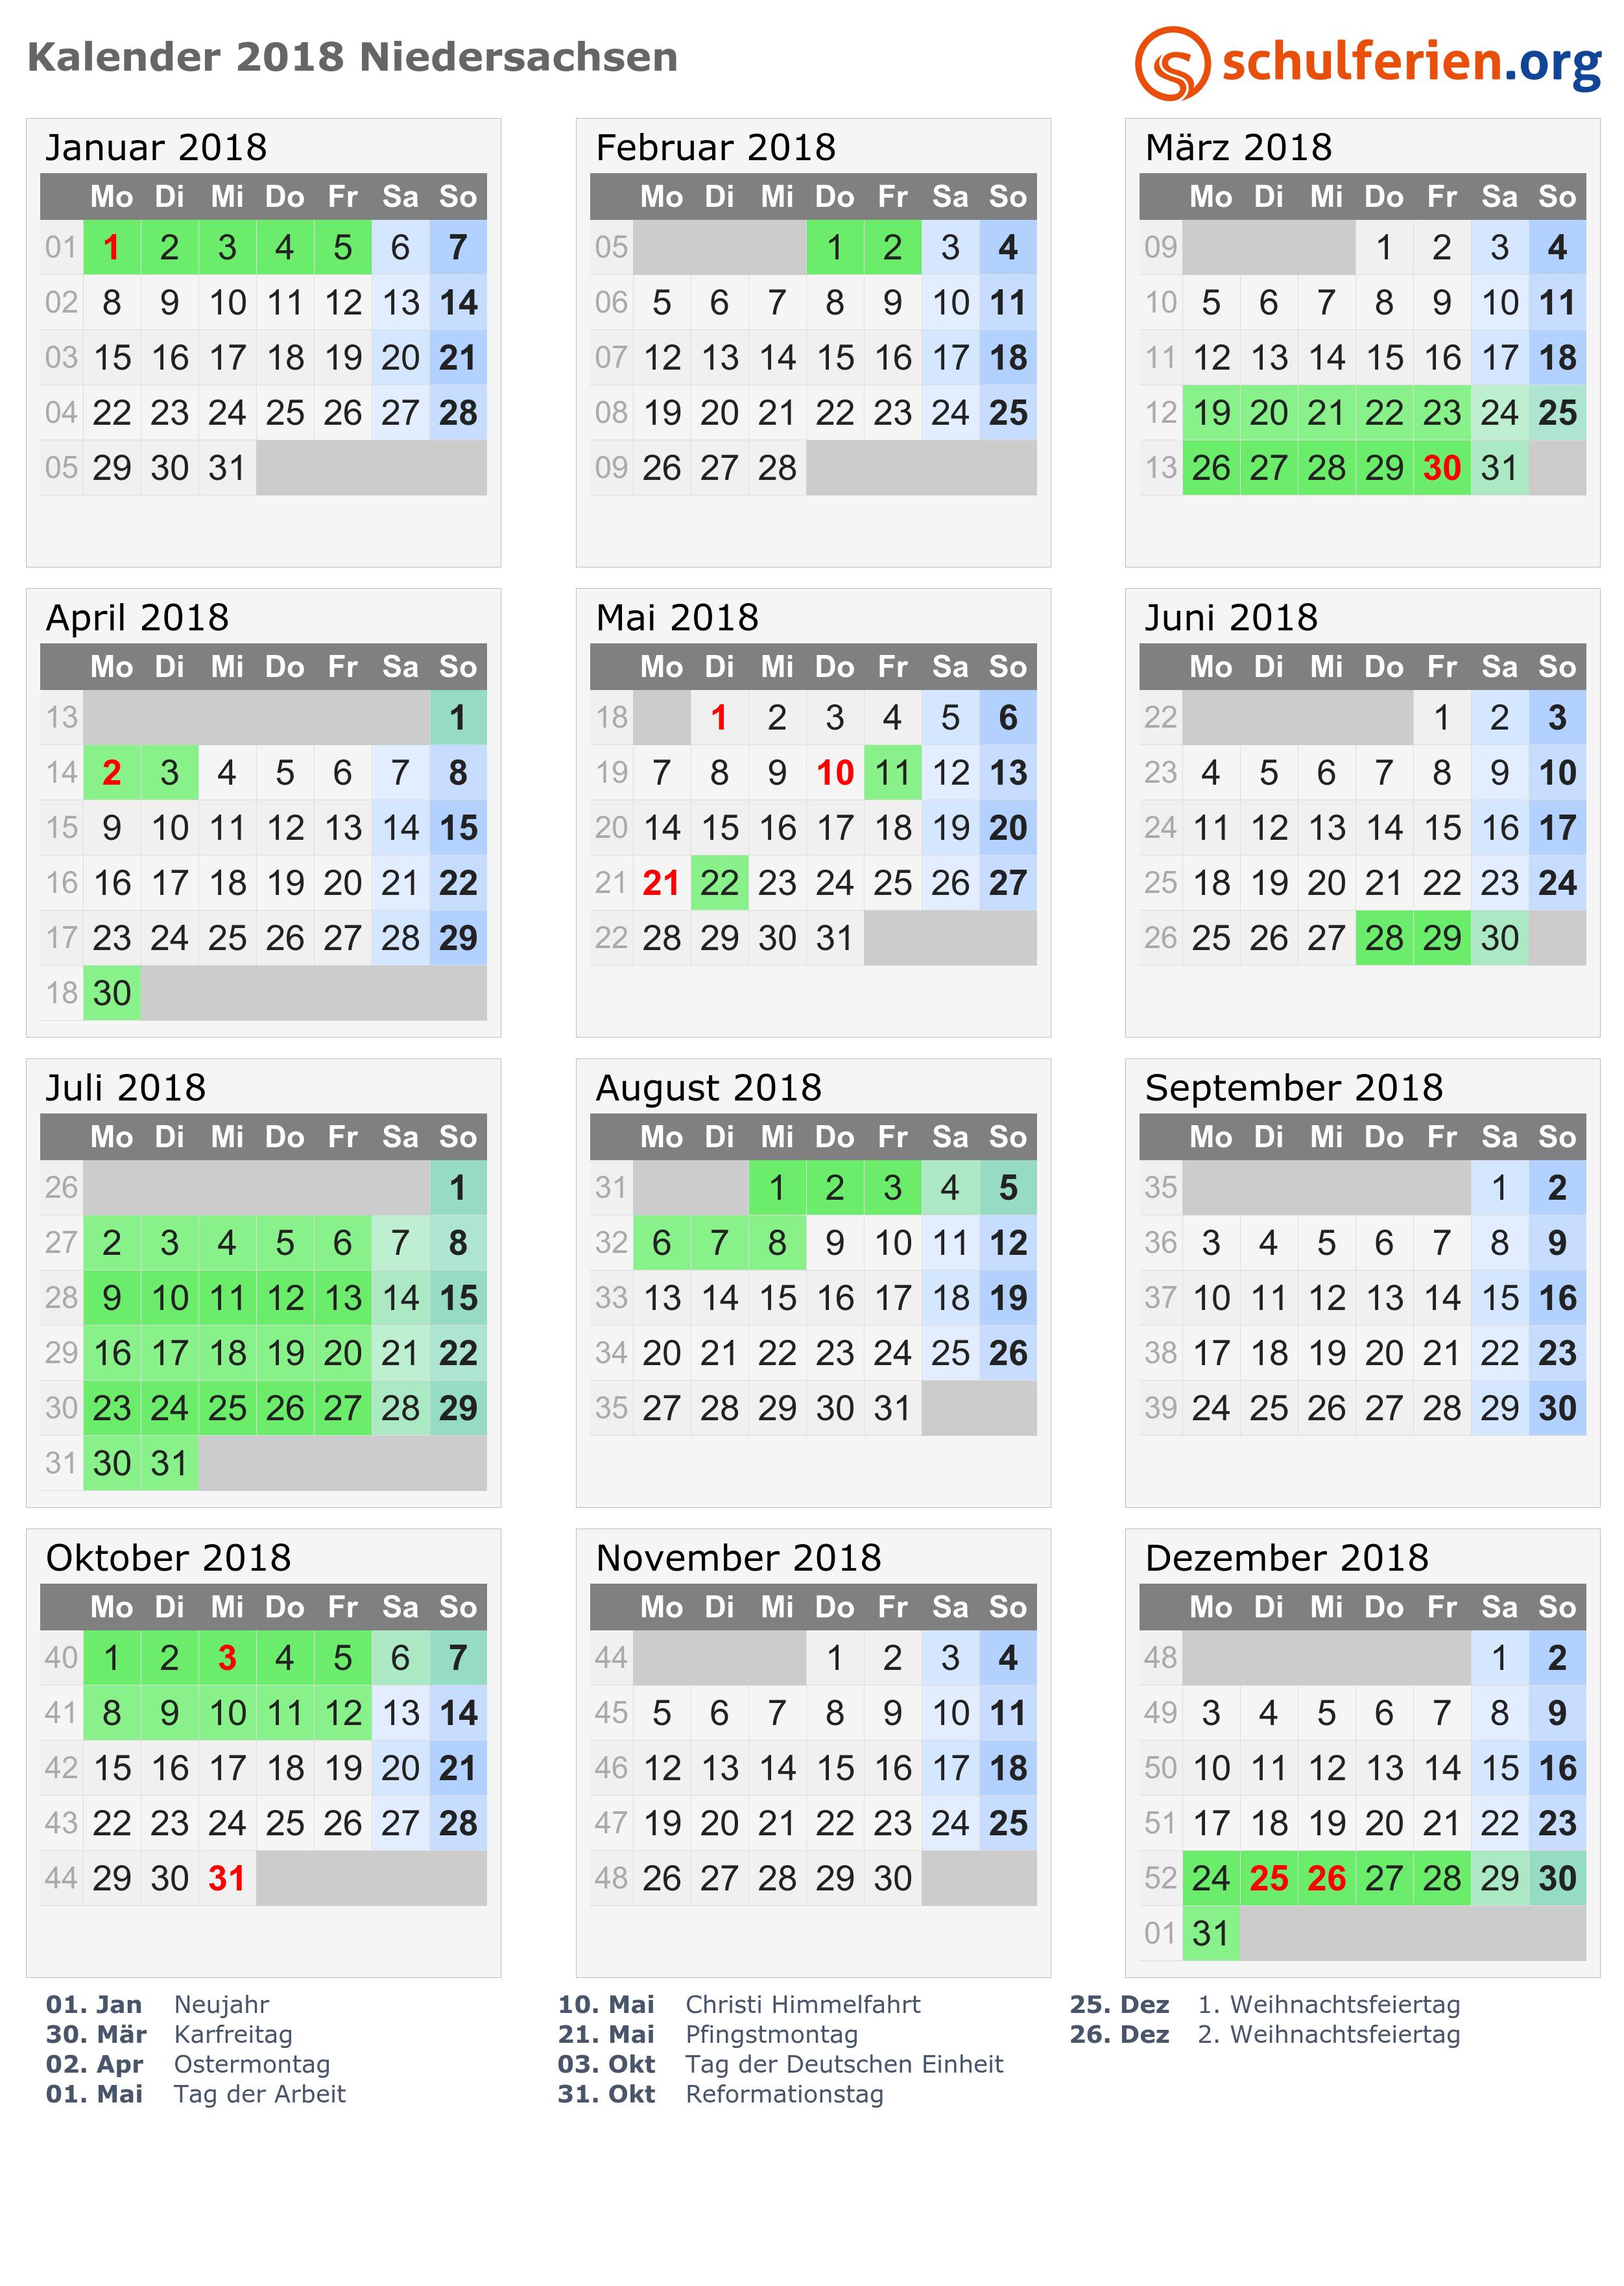 kalender 2018 ferien niedersachsen feiertage. Black Bedroom Furniture Sets. Home Design Ideas